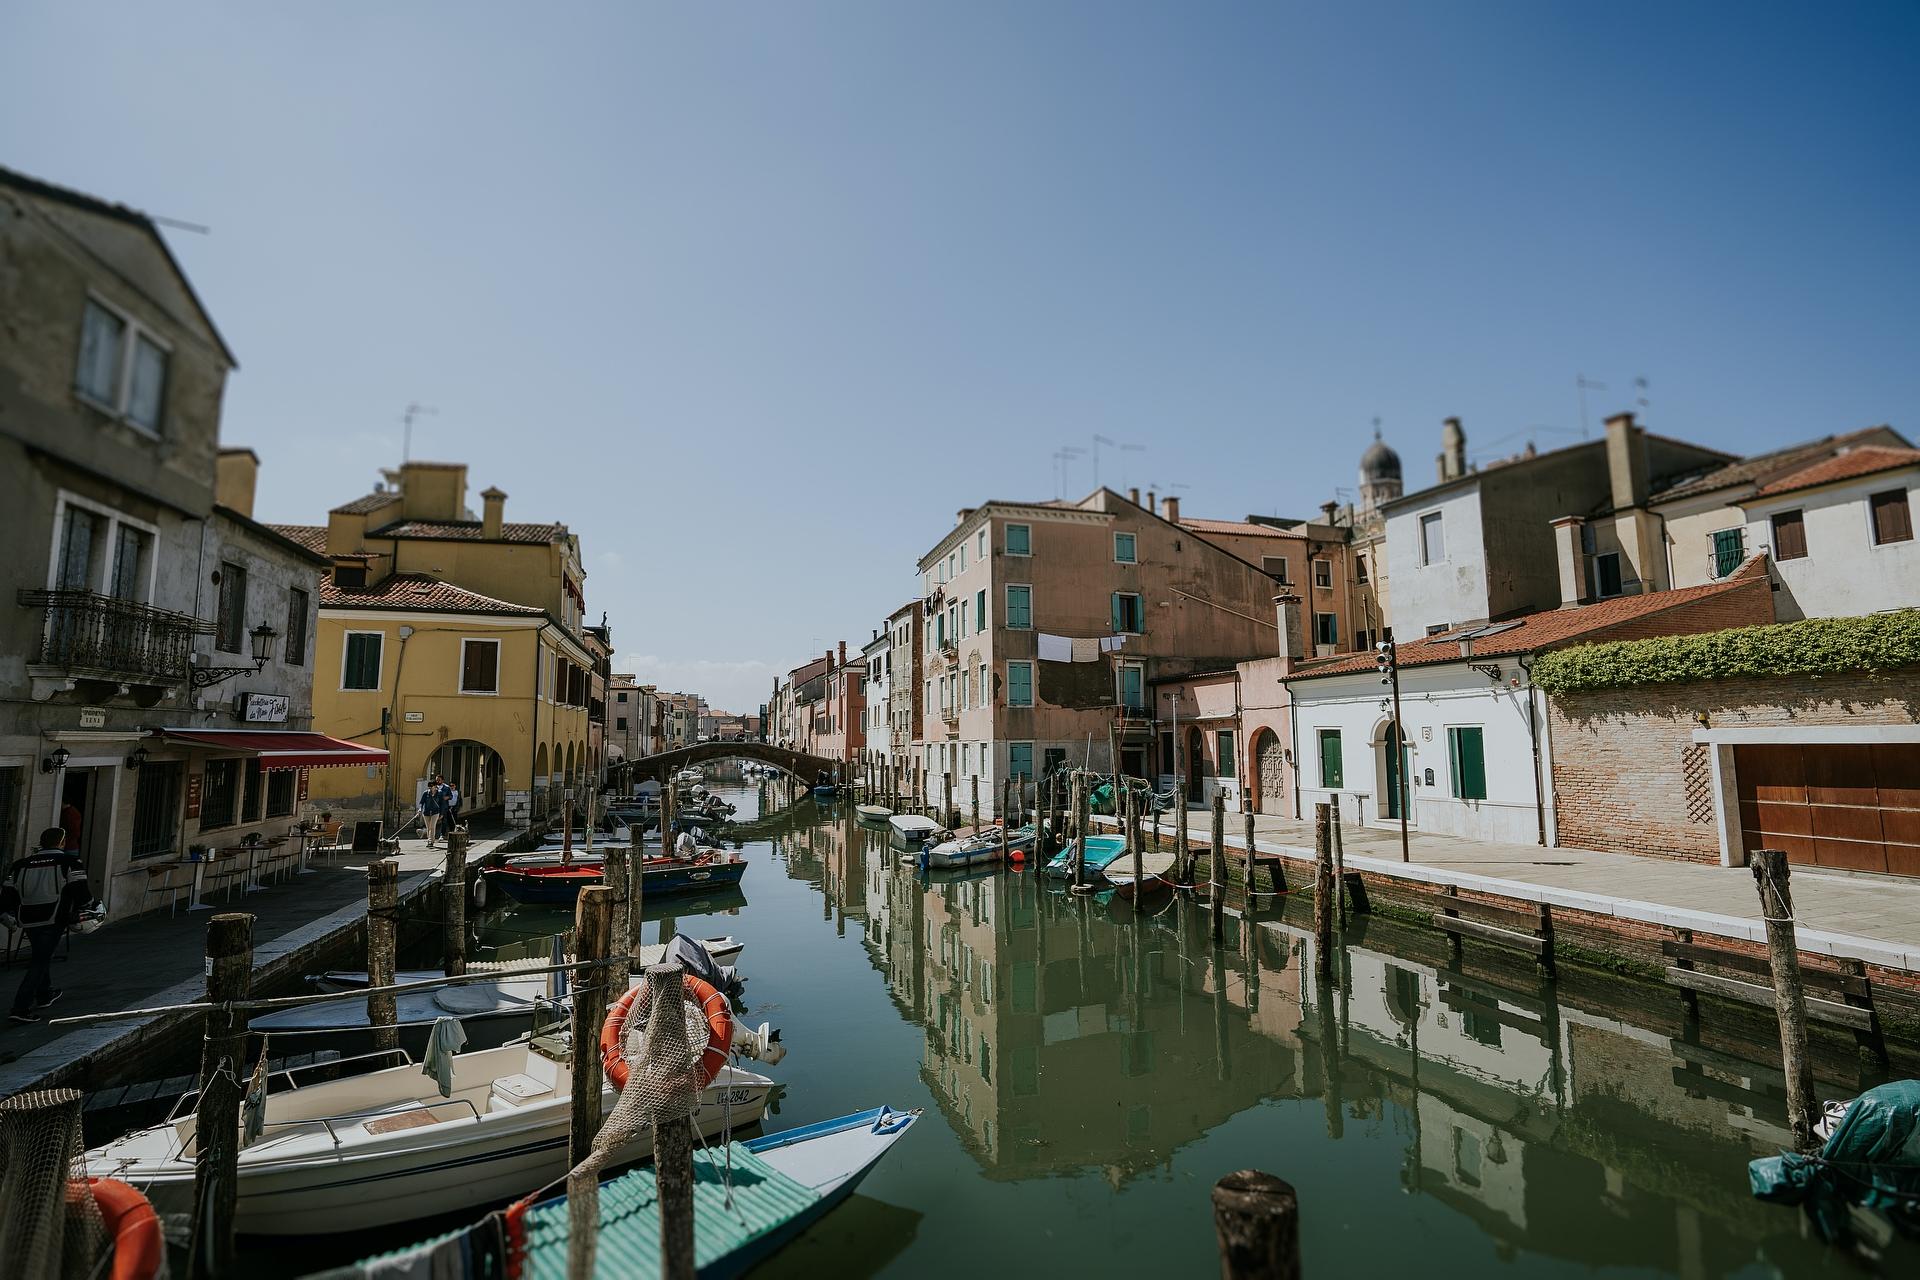 Chioggia, Venise Elopement Photographie d'Italie | C'est la ville de Chioggia où ils se sont mariés